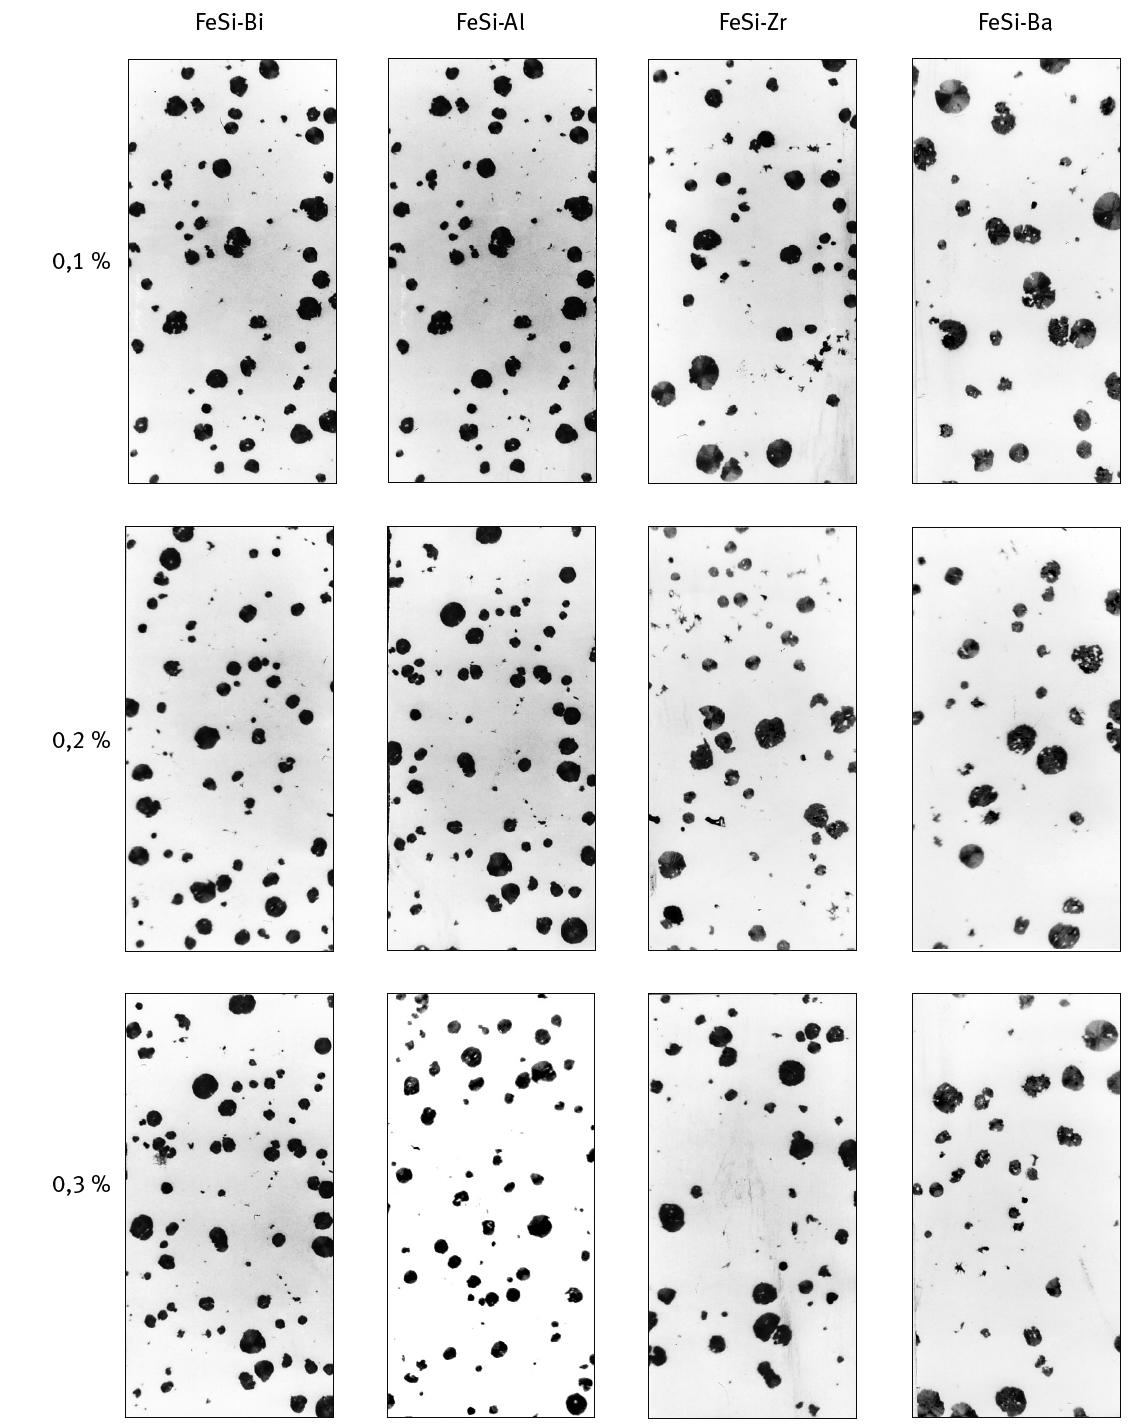 Bild 3: Einfluss des Impfmitteltyps auf die Kugelzahl bei Wanddicken von 10 mm sofort nach der Impfung (Spätimpfung)